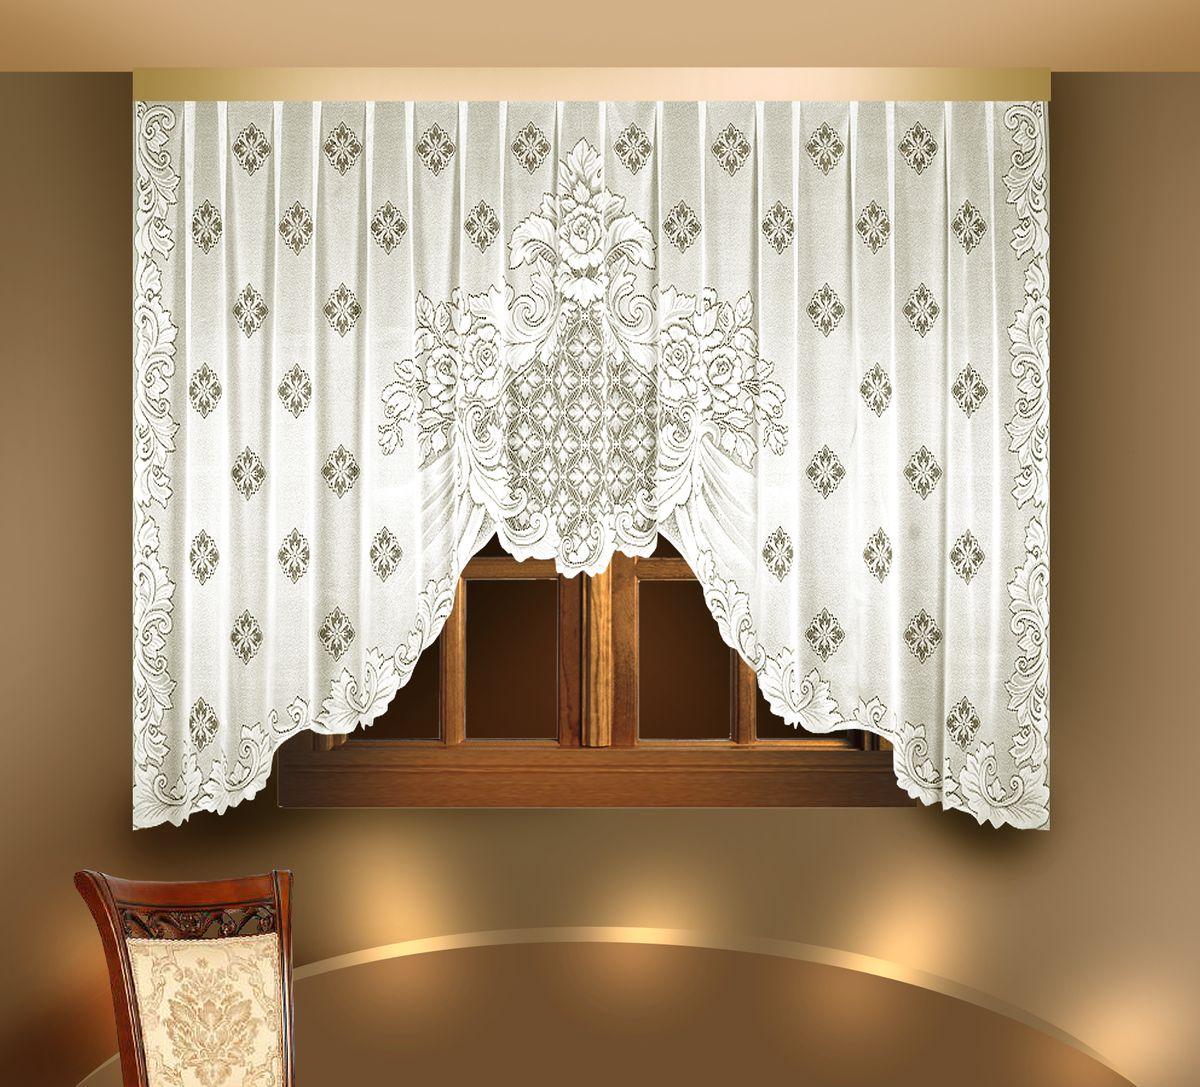 Гардина Zlata Korunka, цвет: белый, ширина 350 см, высота 175 см. 88803 гардина 400 175 см zlata korunka цвет белый коричневый